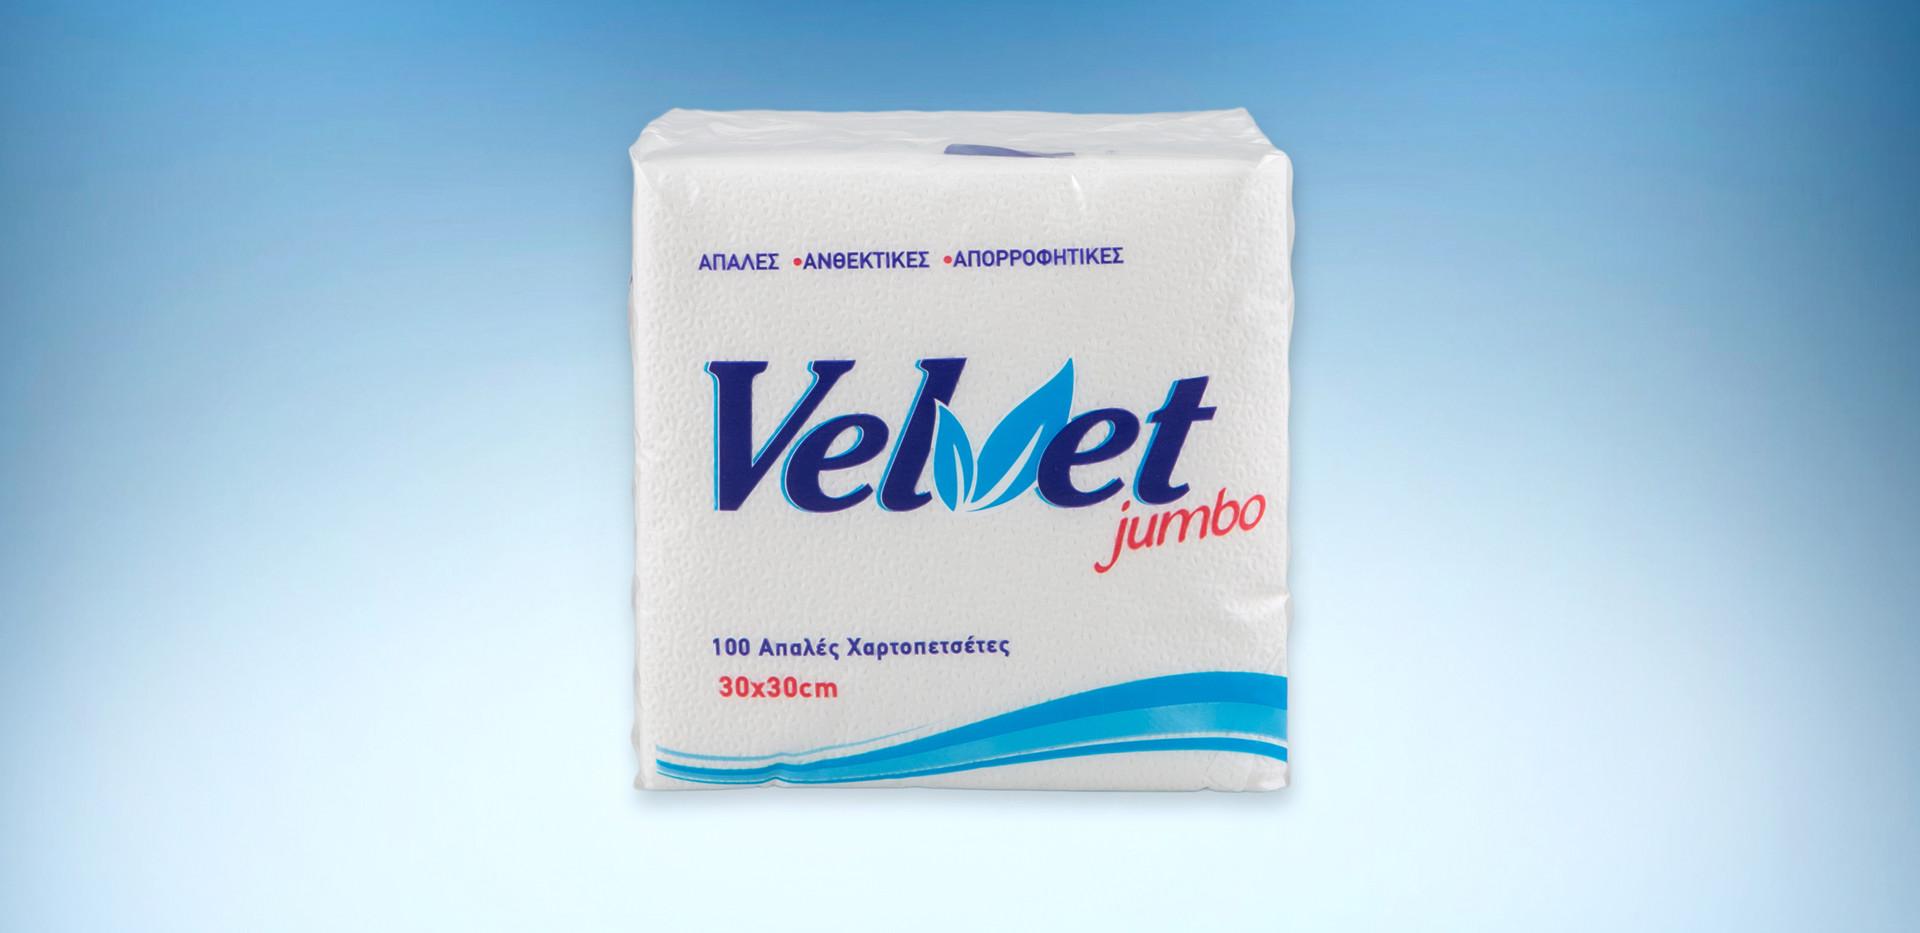 Velvet jumbo white paper towel 153gr